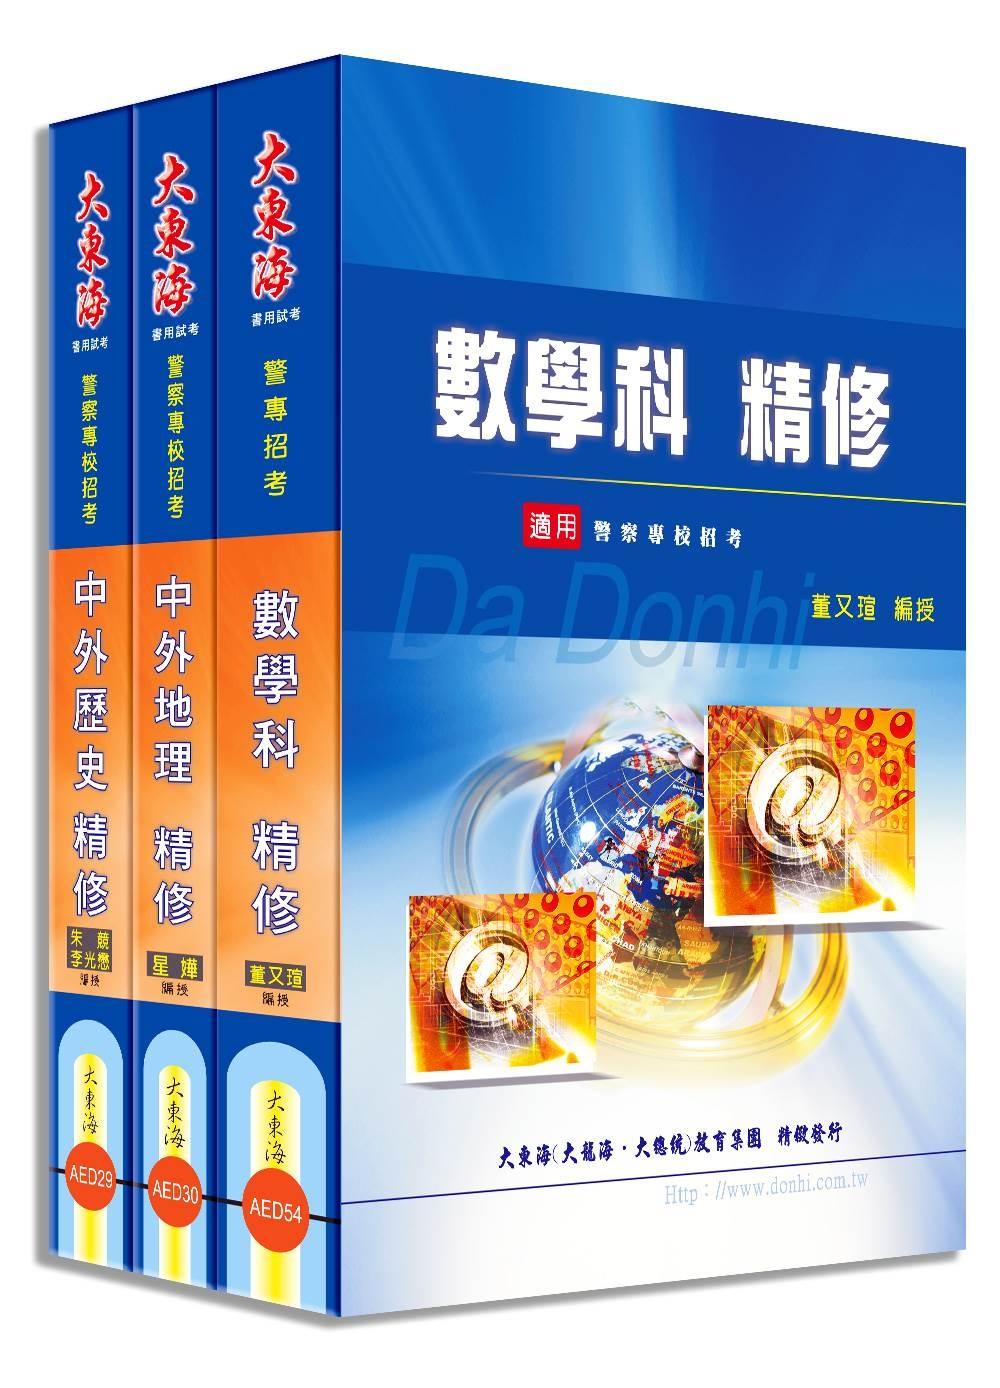 警專乙組(行政警察)專業科目套書